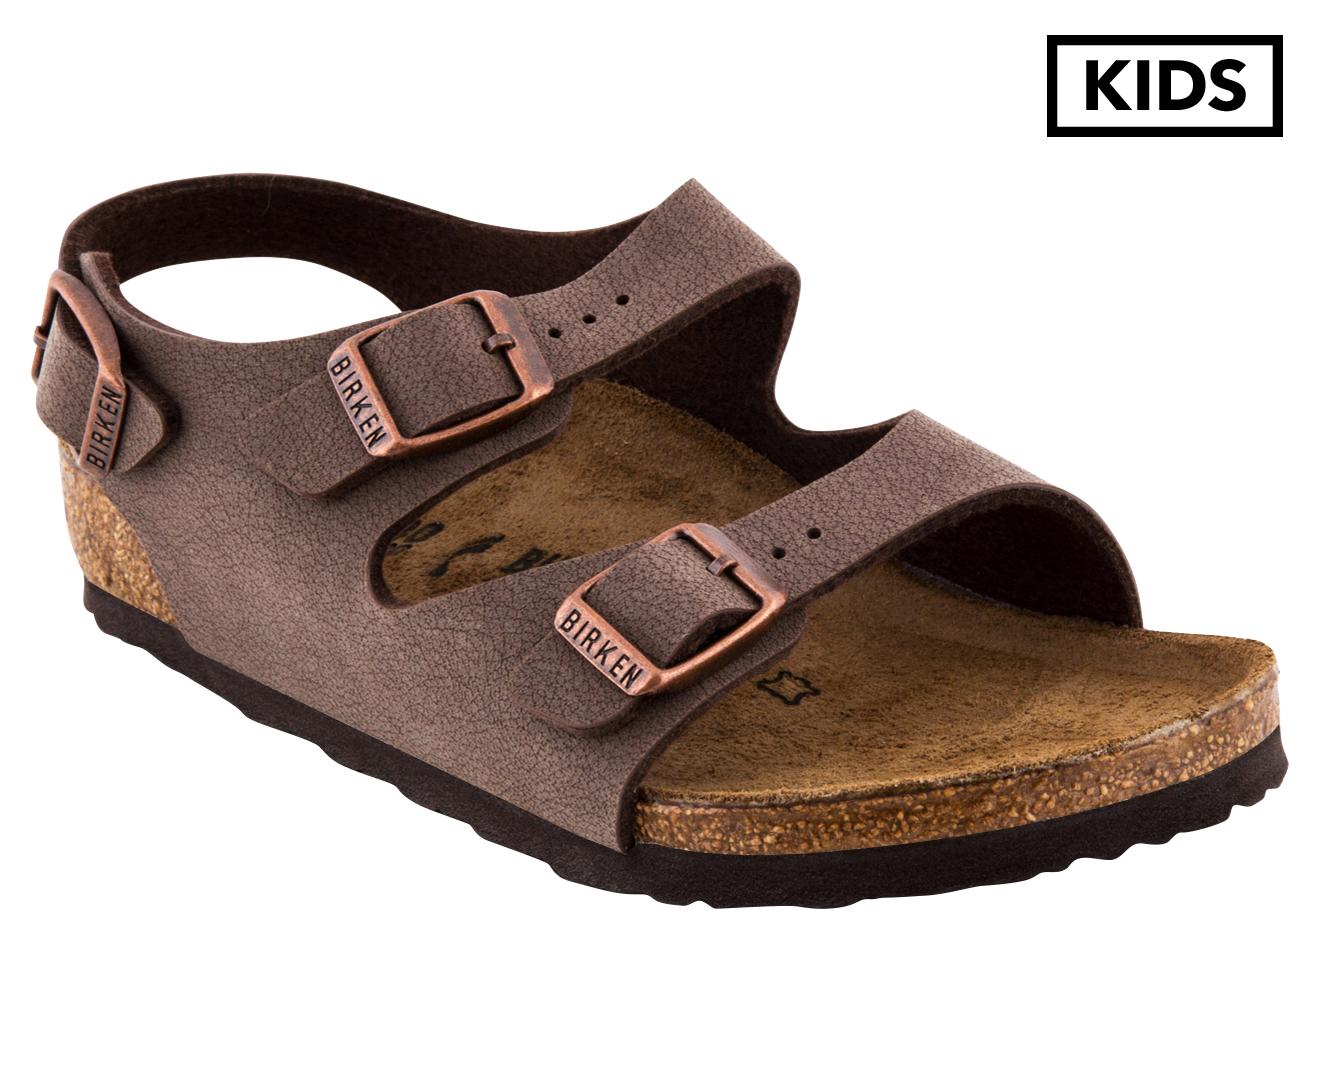 fa1b6c3e29e3 Birkenstock Kids  Narrow Fit Roma Sandal - Mocha